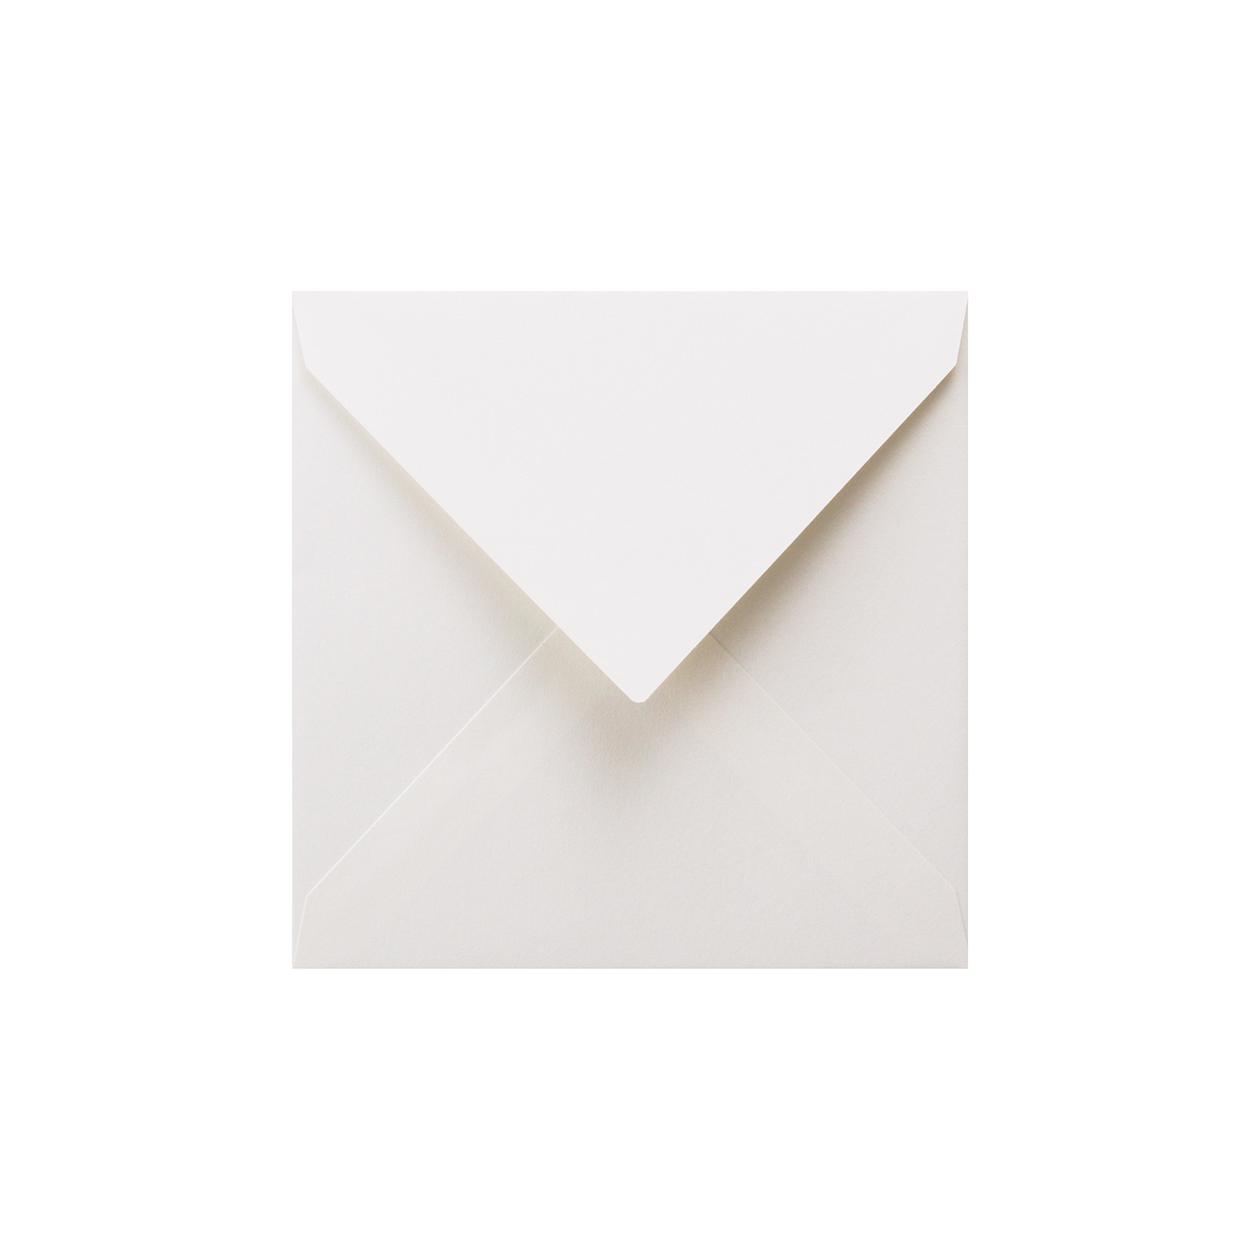 サンプル 封筒・袋 00100